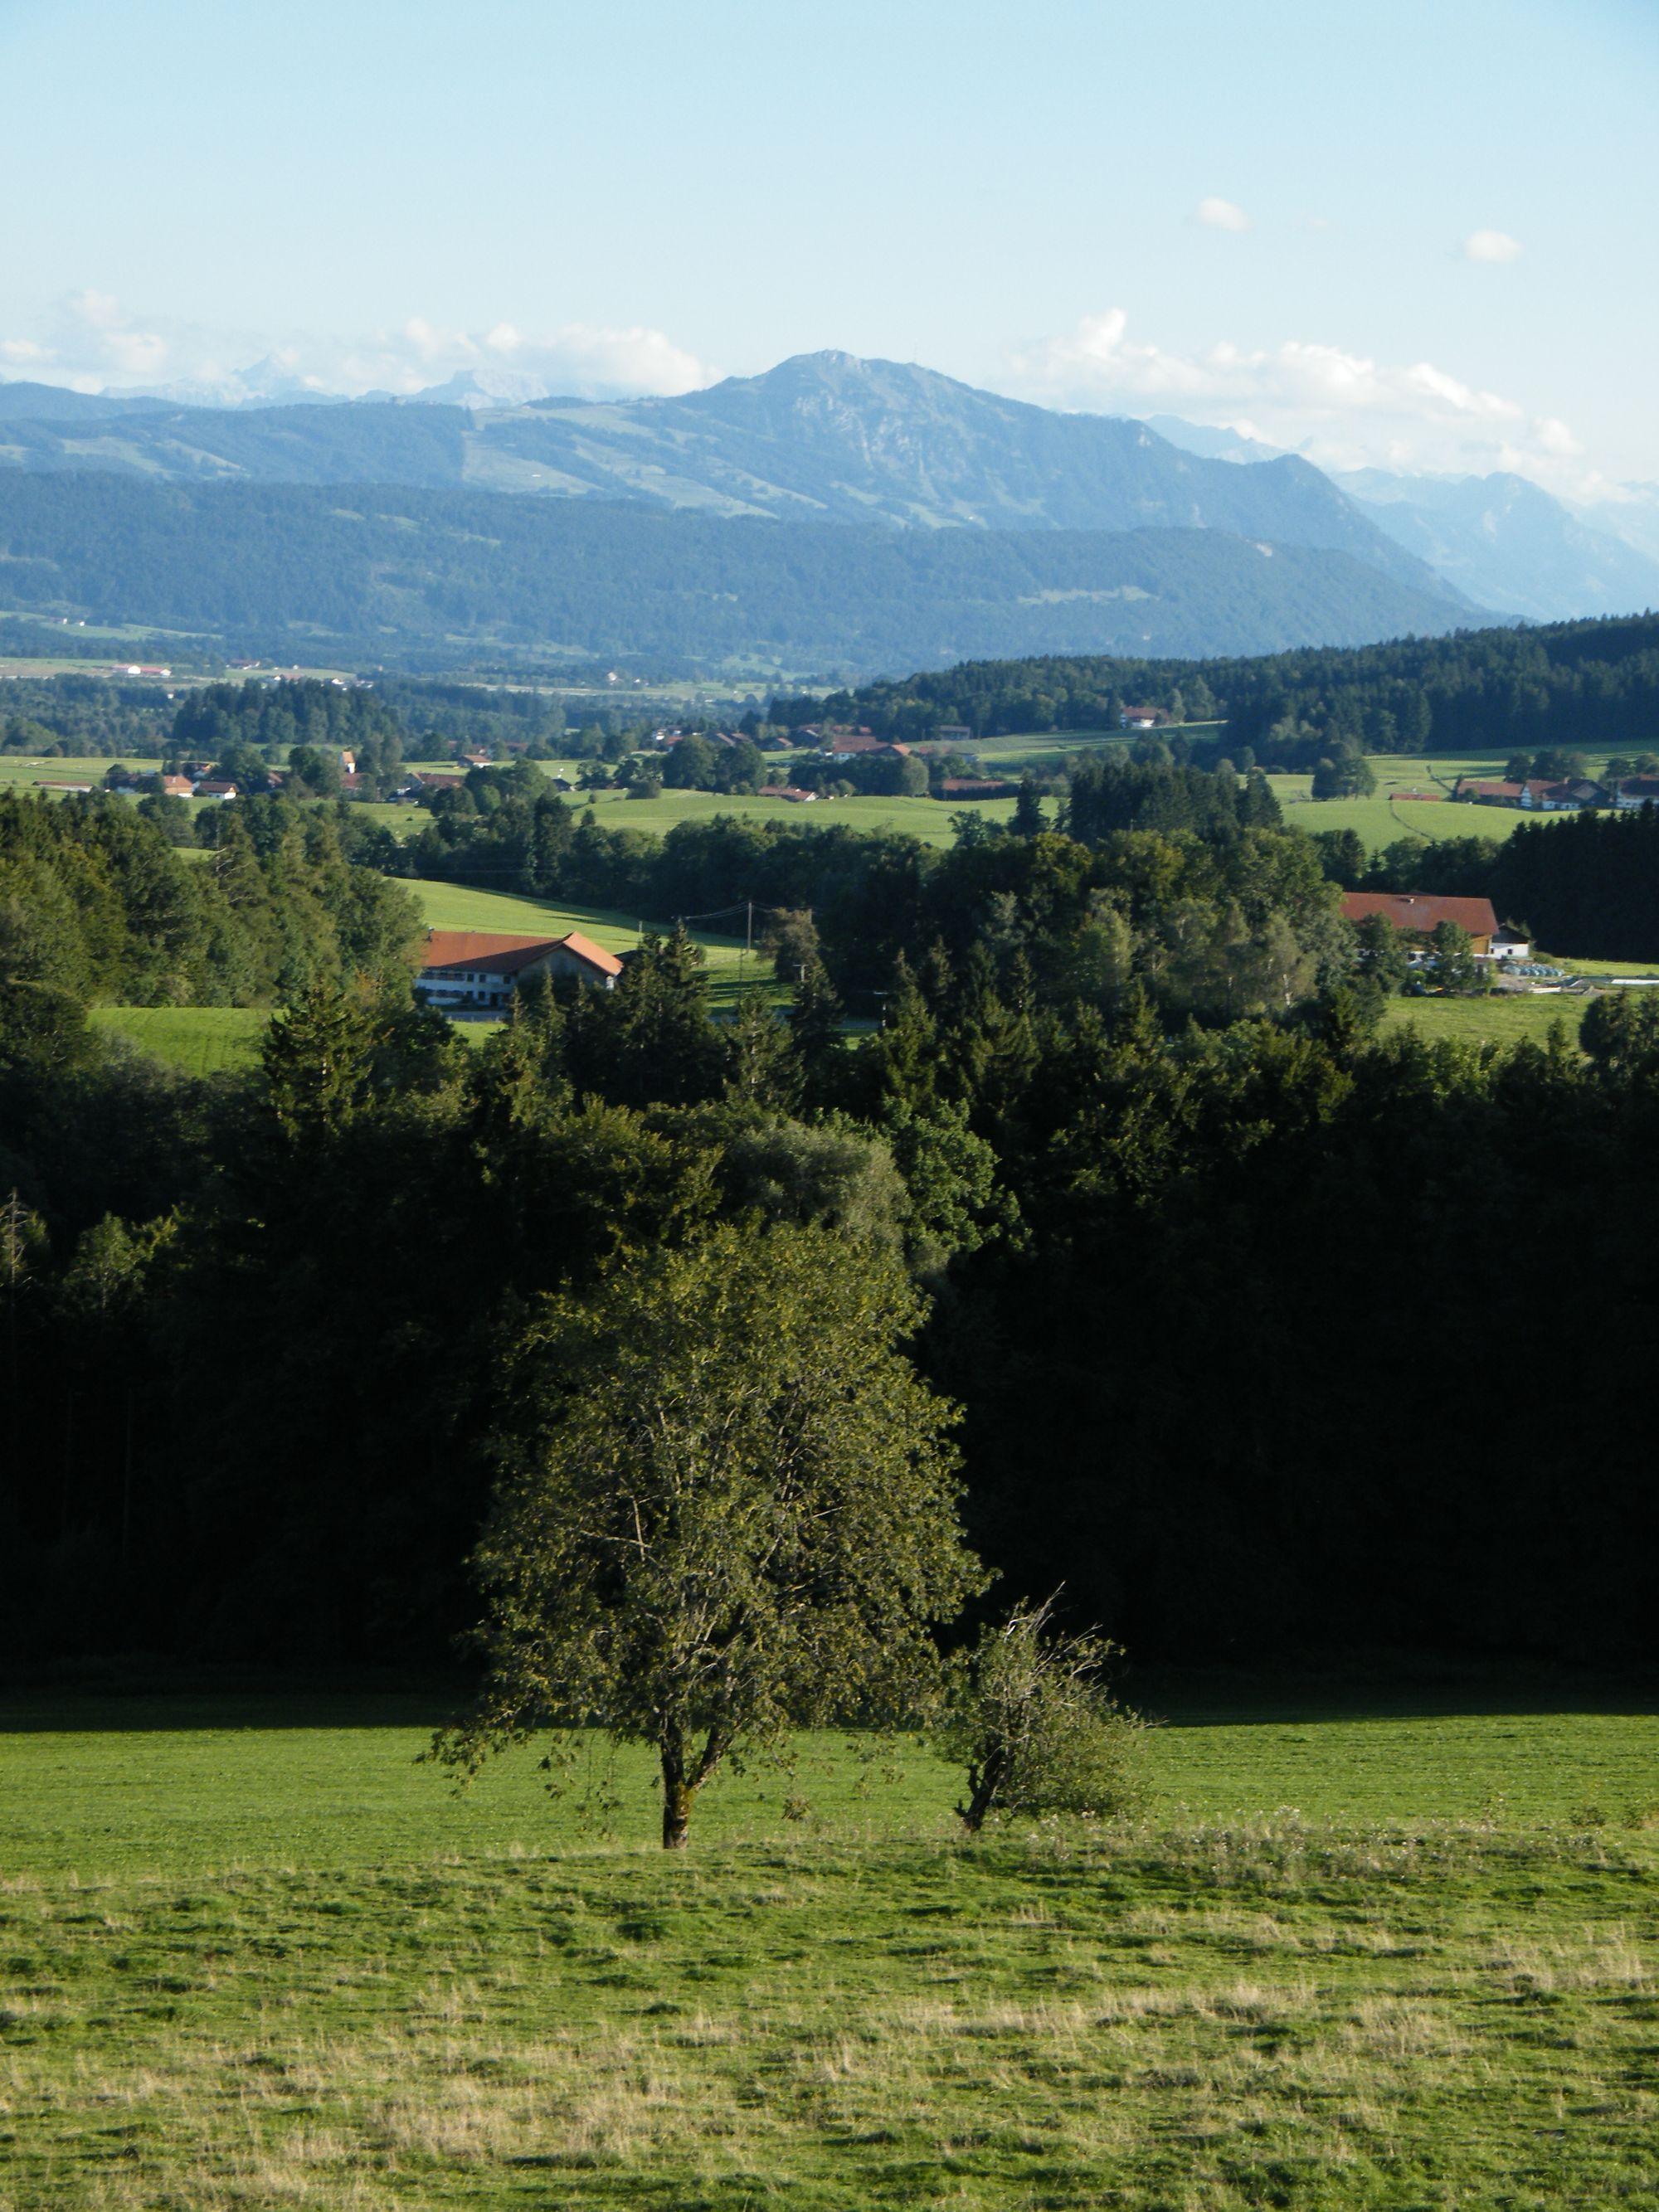 Alpenvorland mit grünten